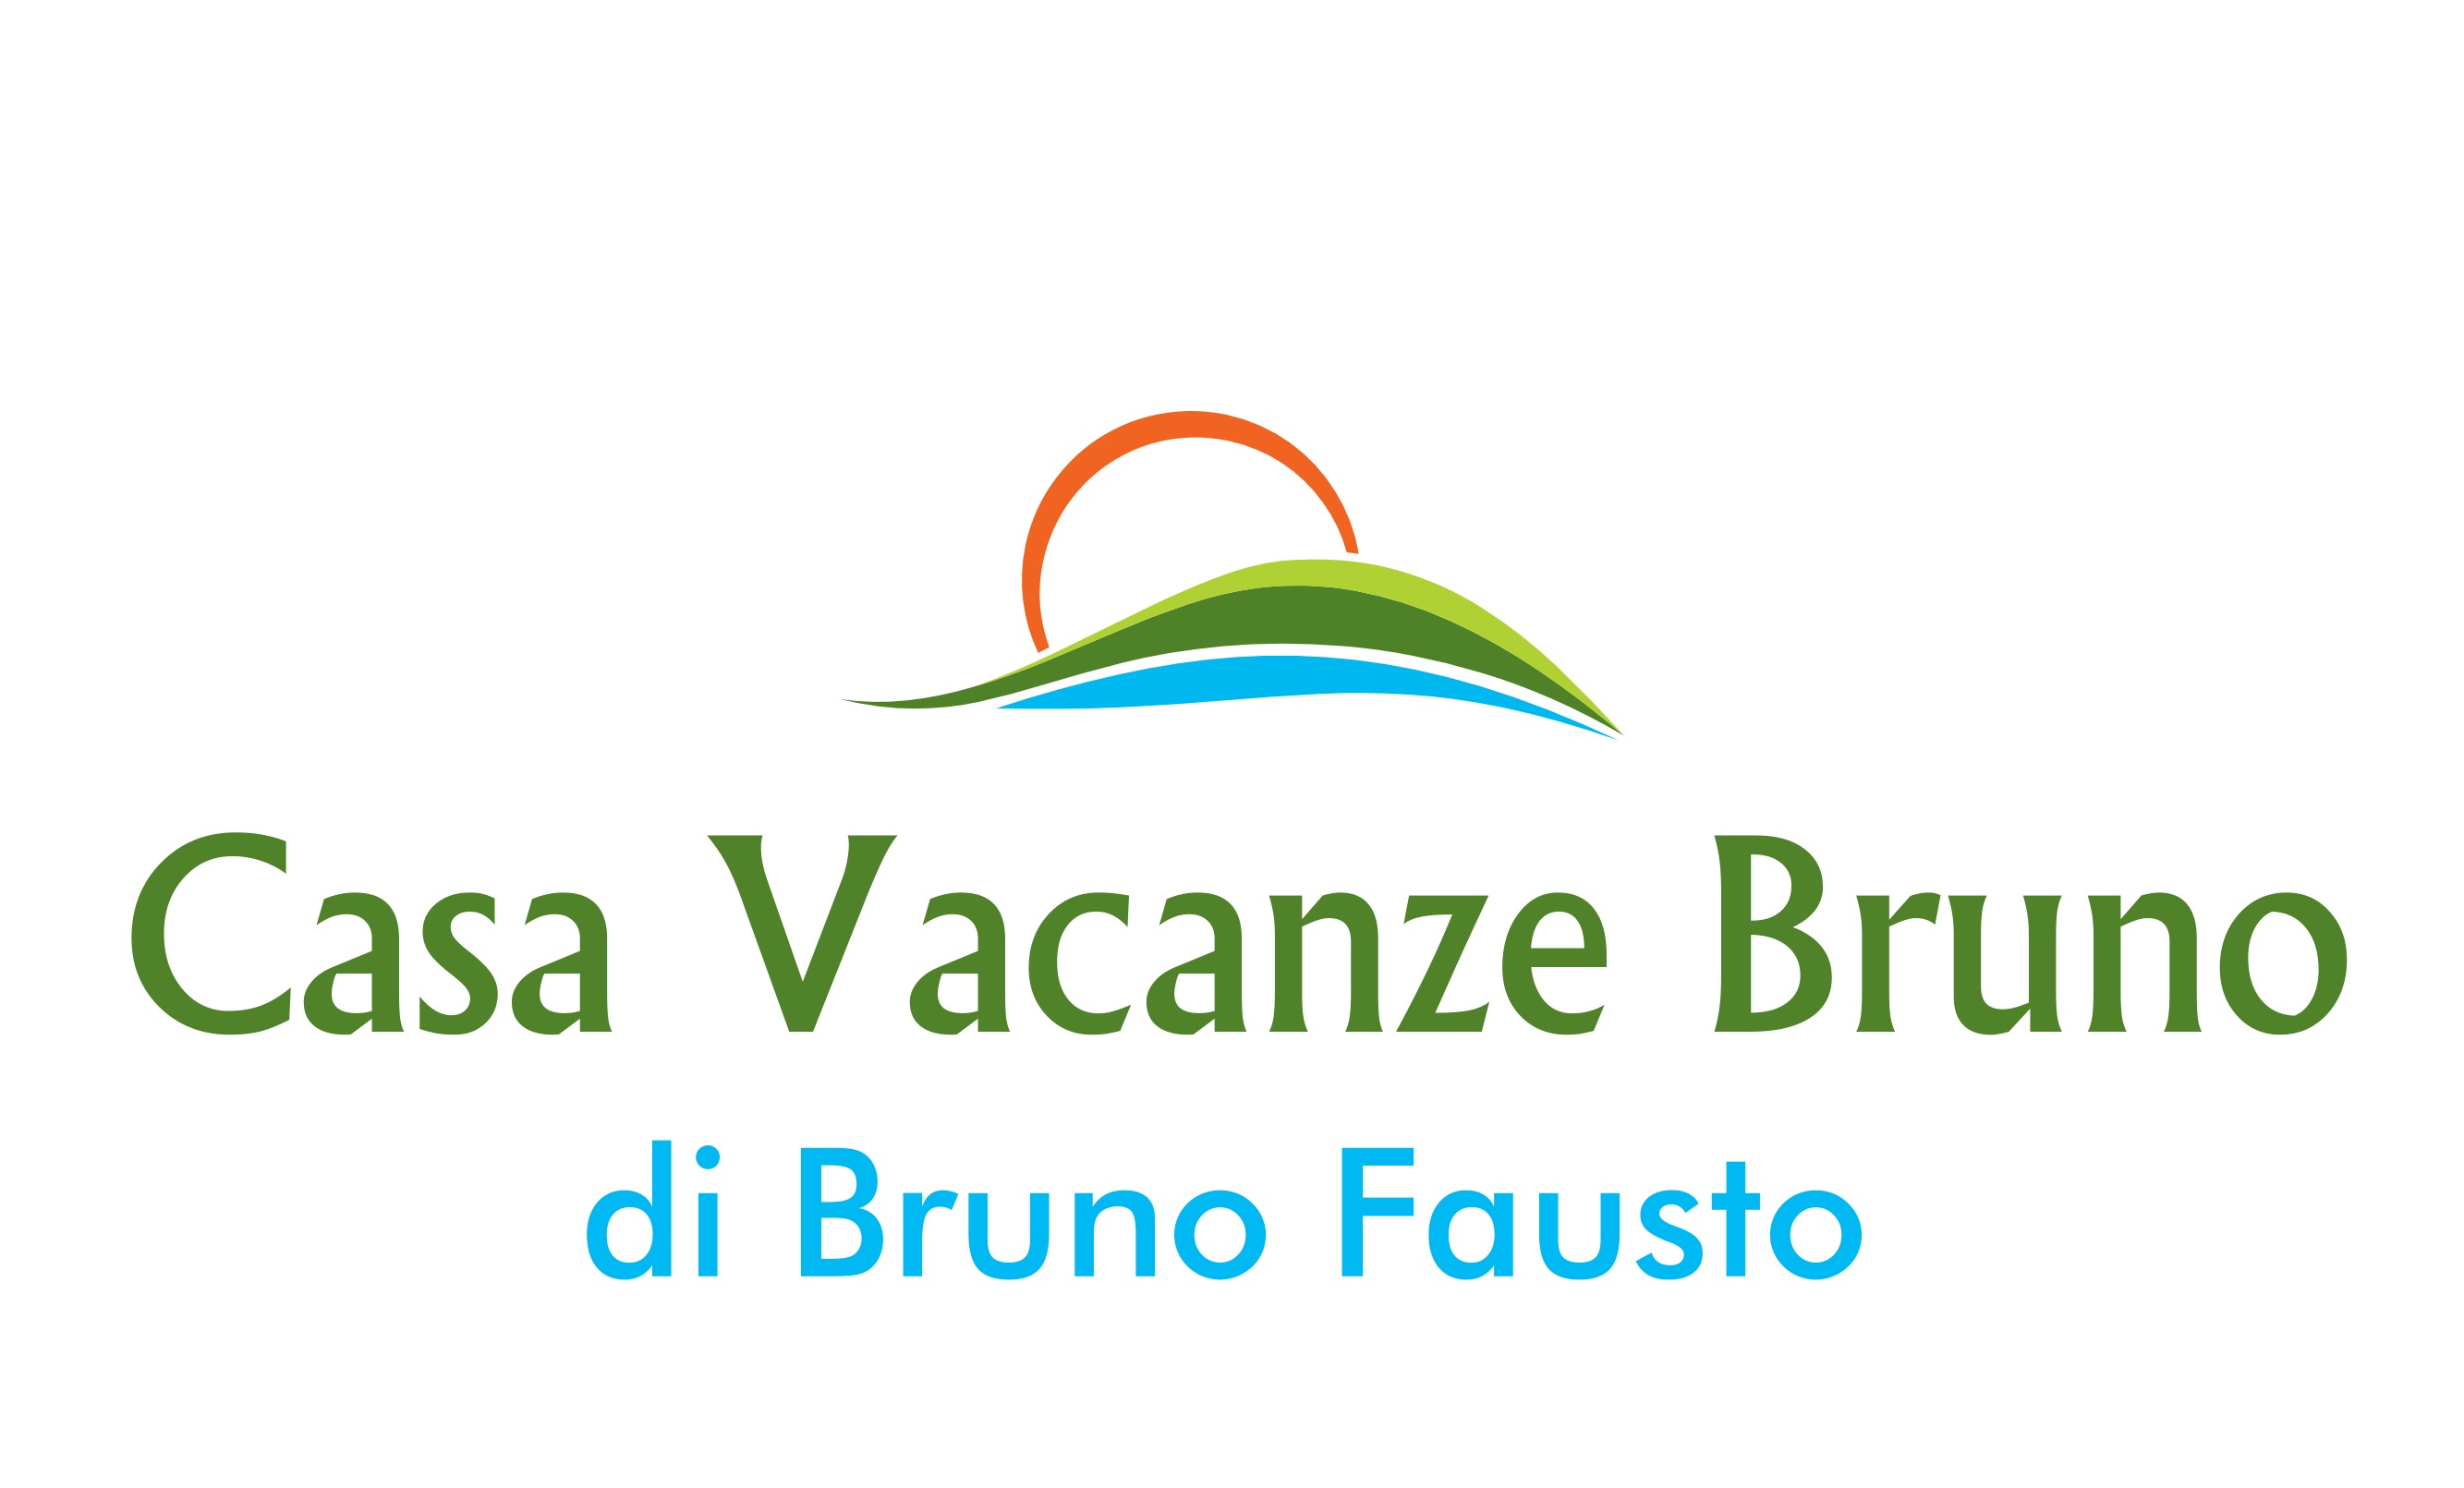 Casa Vacanze Bruno